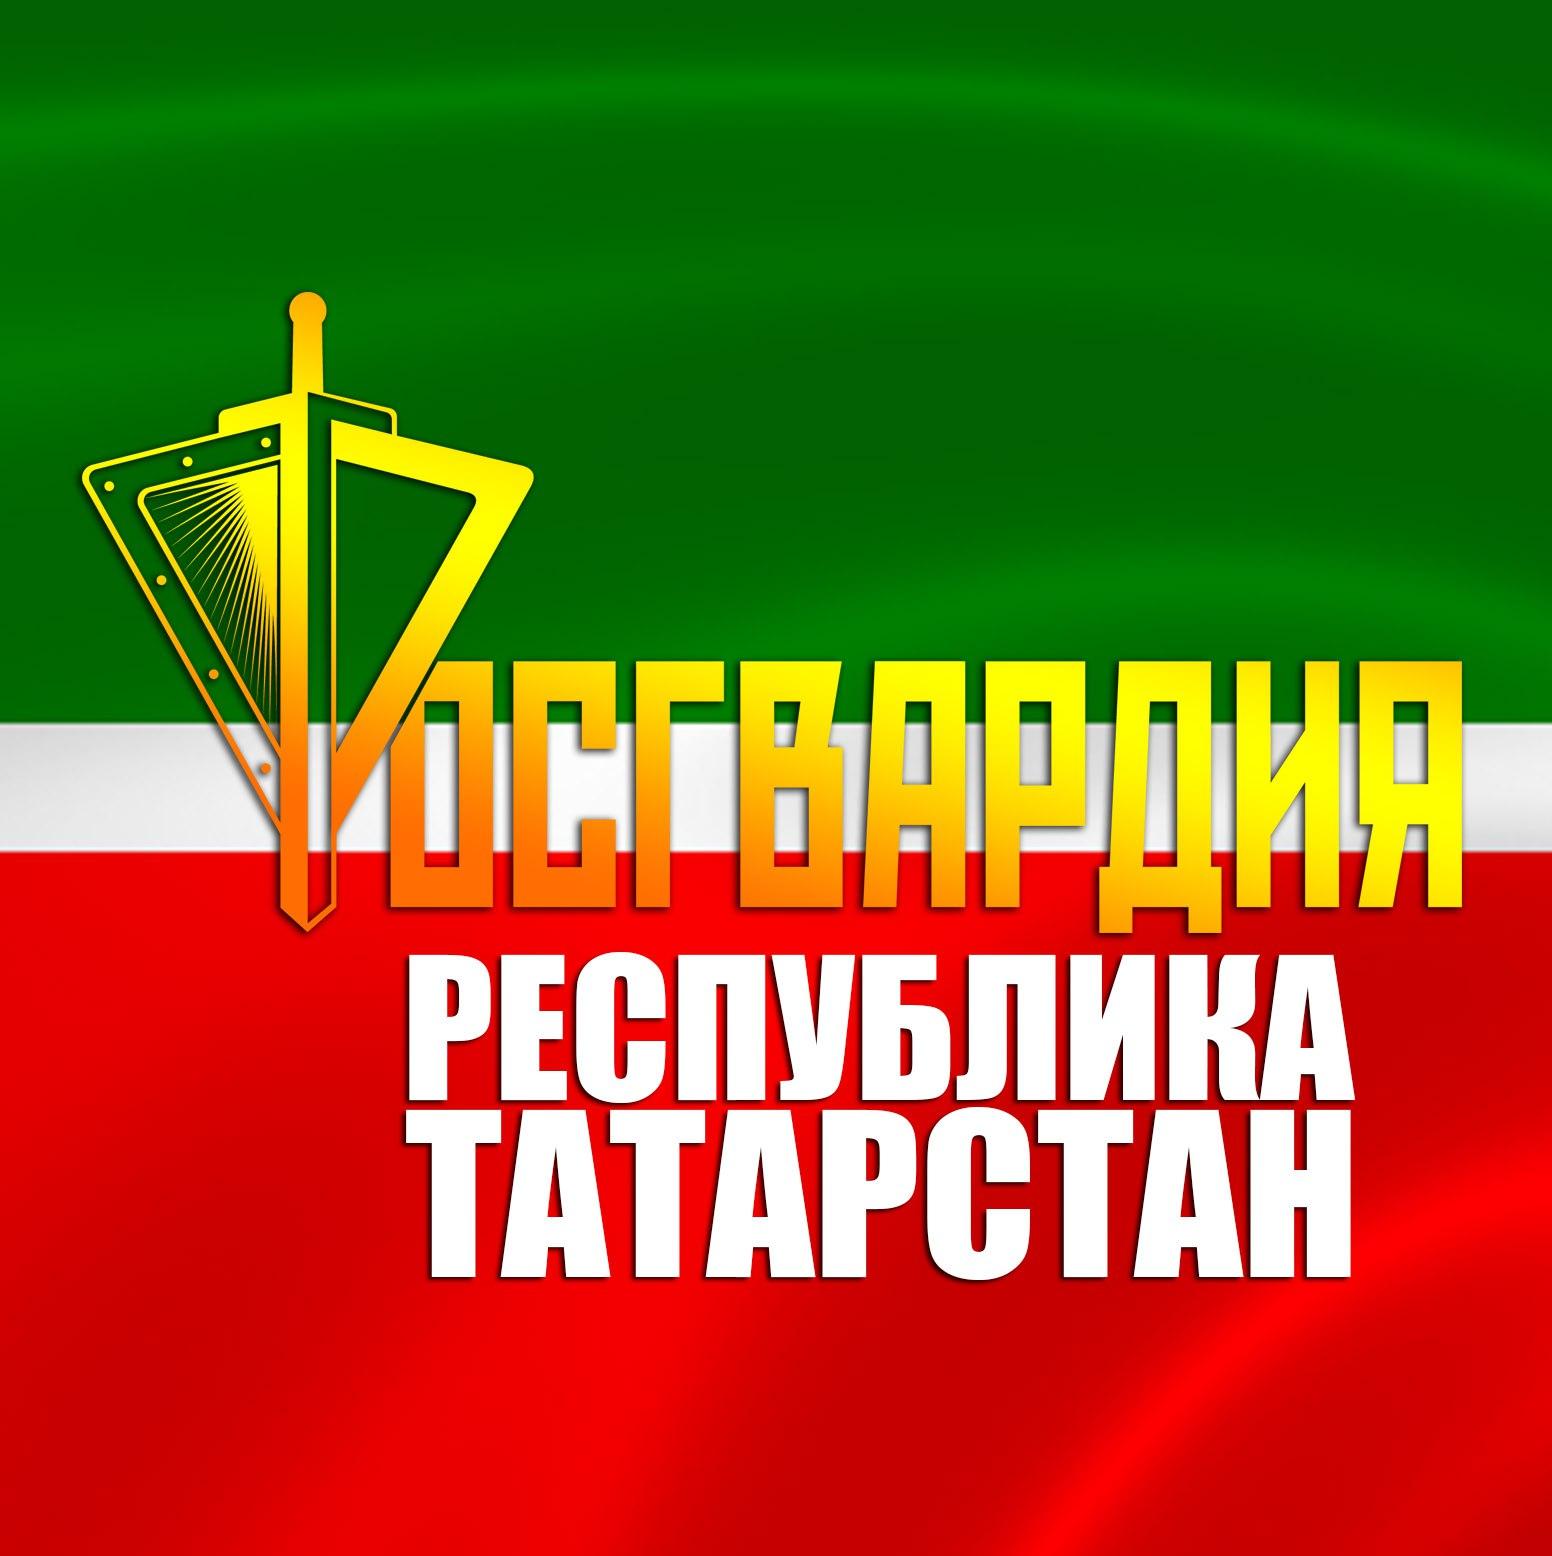 Управление Росгвардии по Республике Татарстан